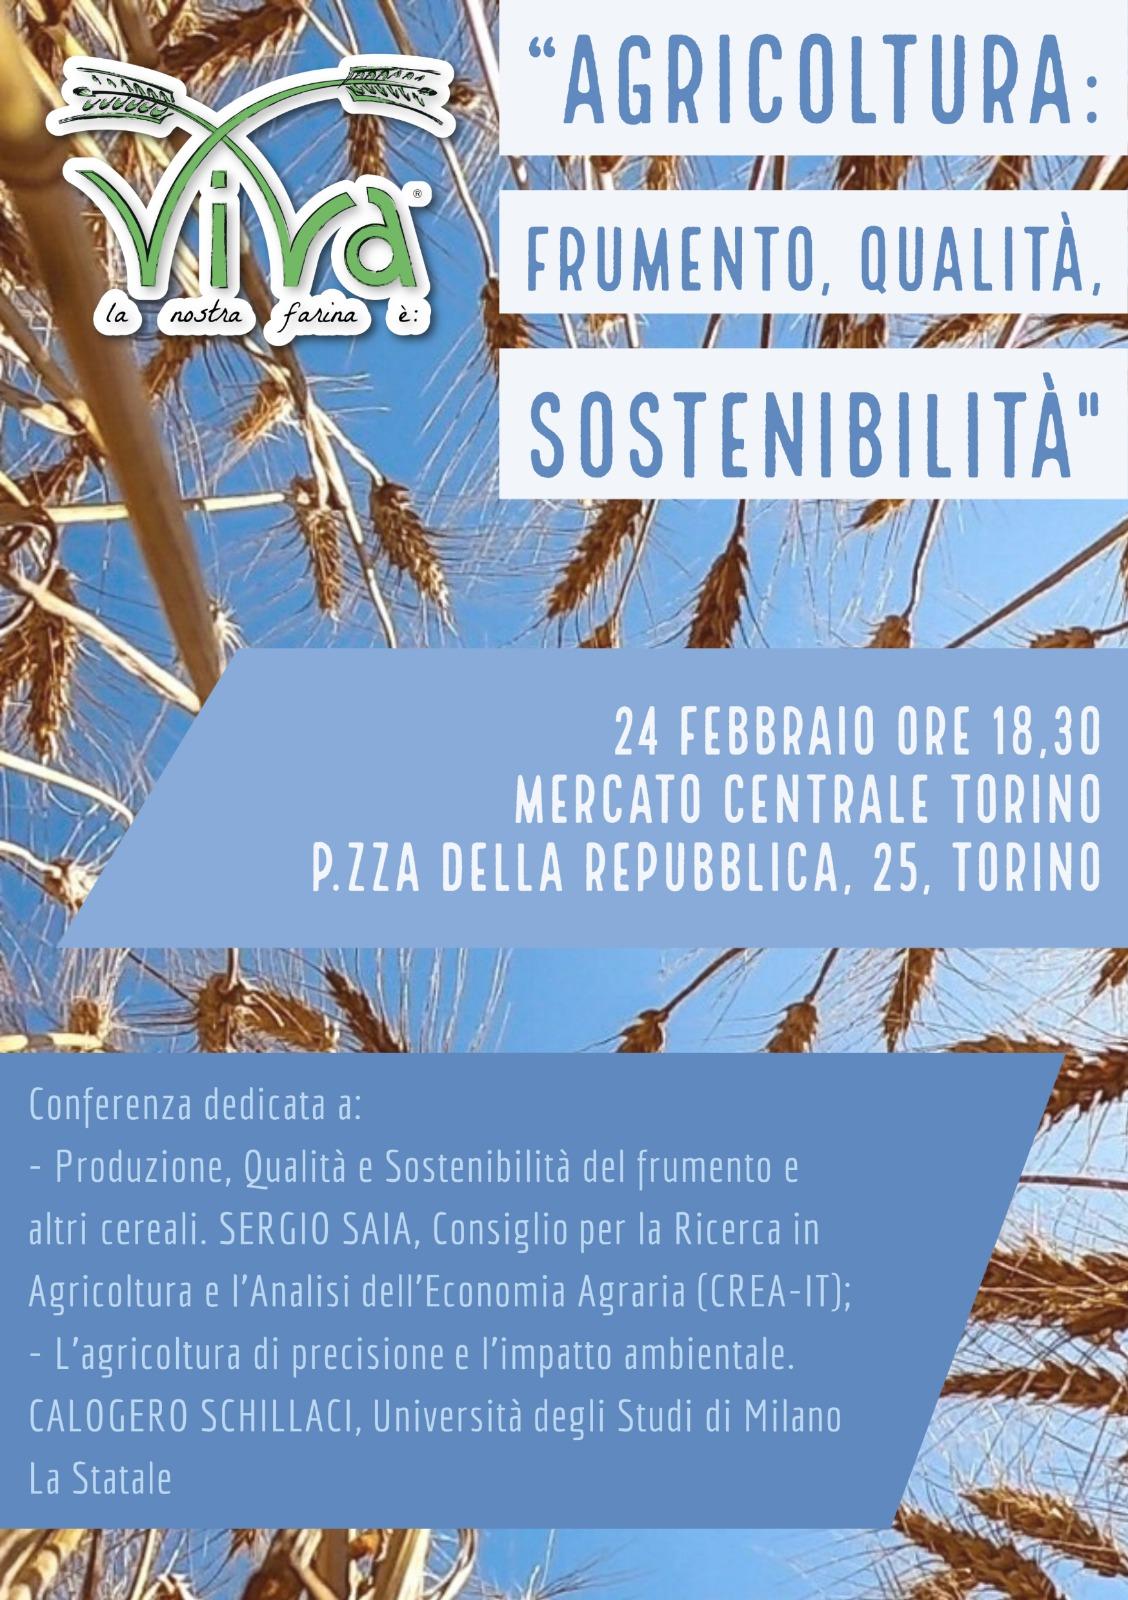 Agricoltura: Frumento, Qualità, Sostenibilità.